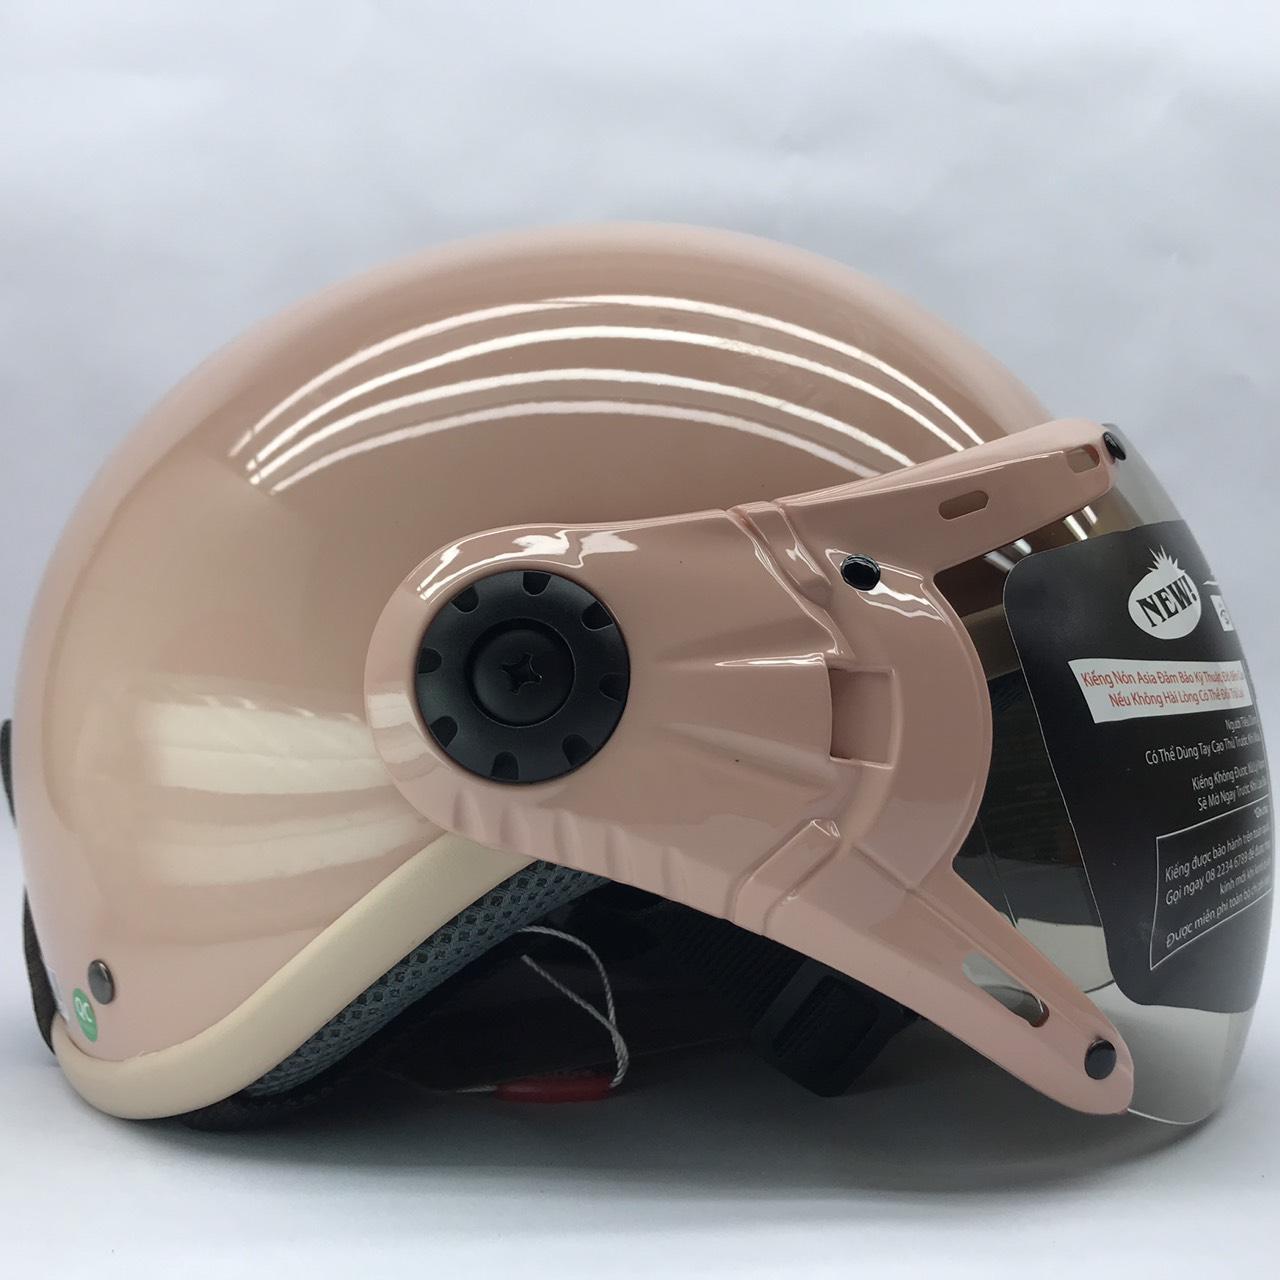 Nón bảo hiểm nửa đầu cao cấp Asia MT105K (Có nhiều mầu - Vui lòng chọn trong phân loại chi tiết